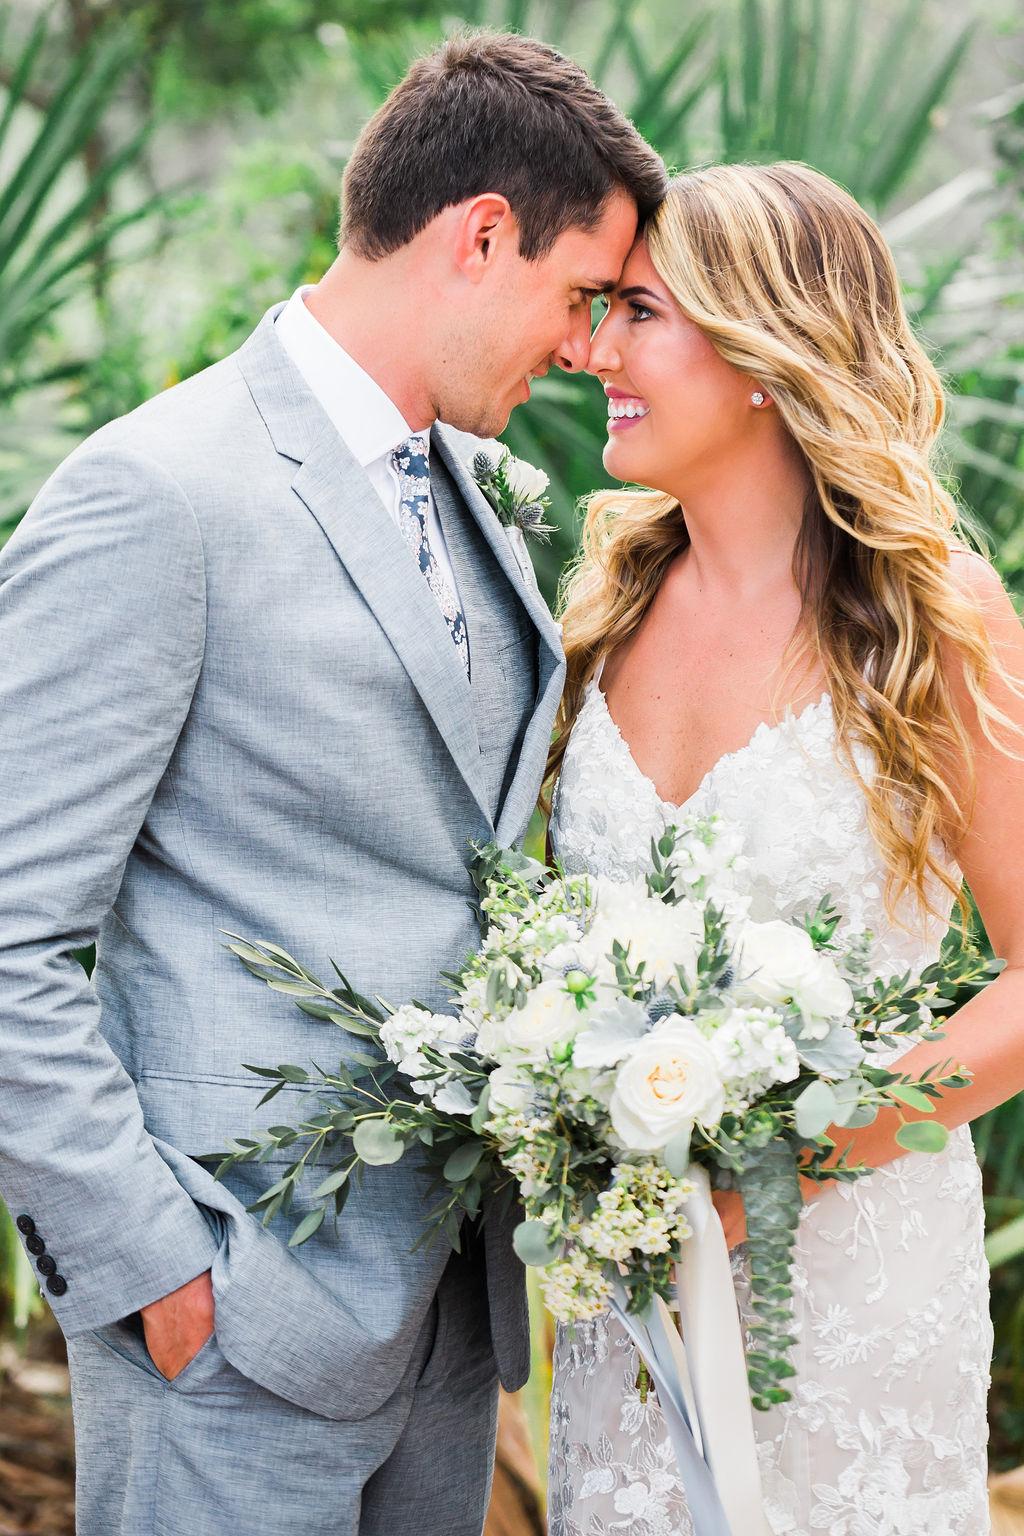 omni-hilton-head-wedding-11.jpg